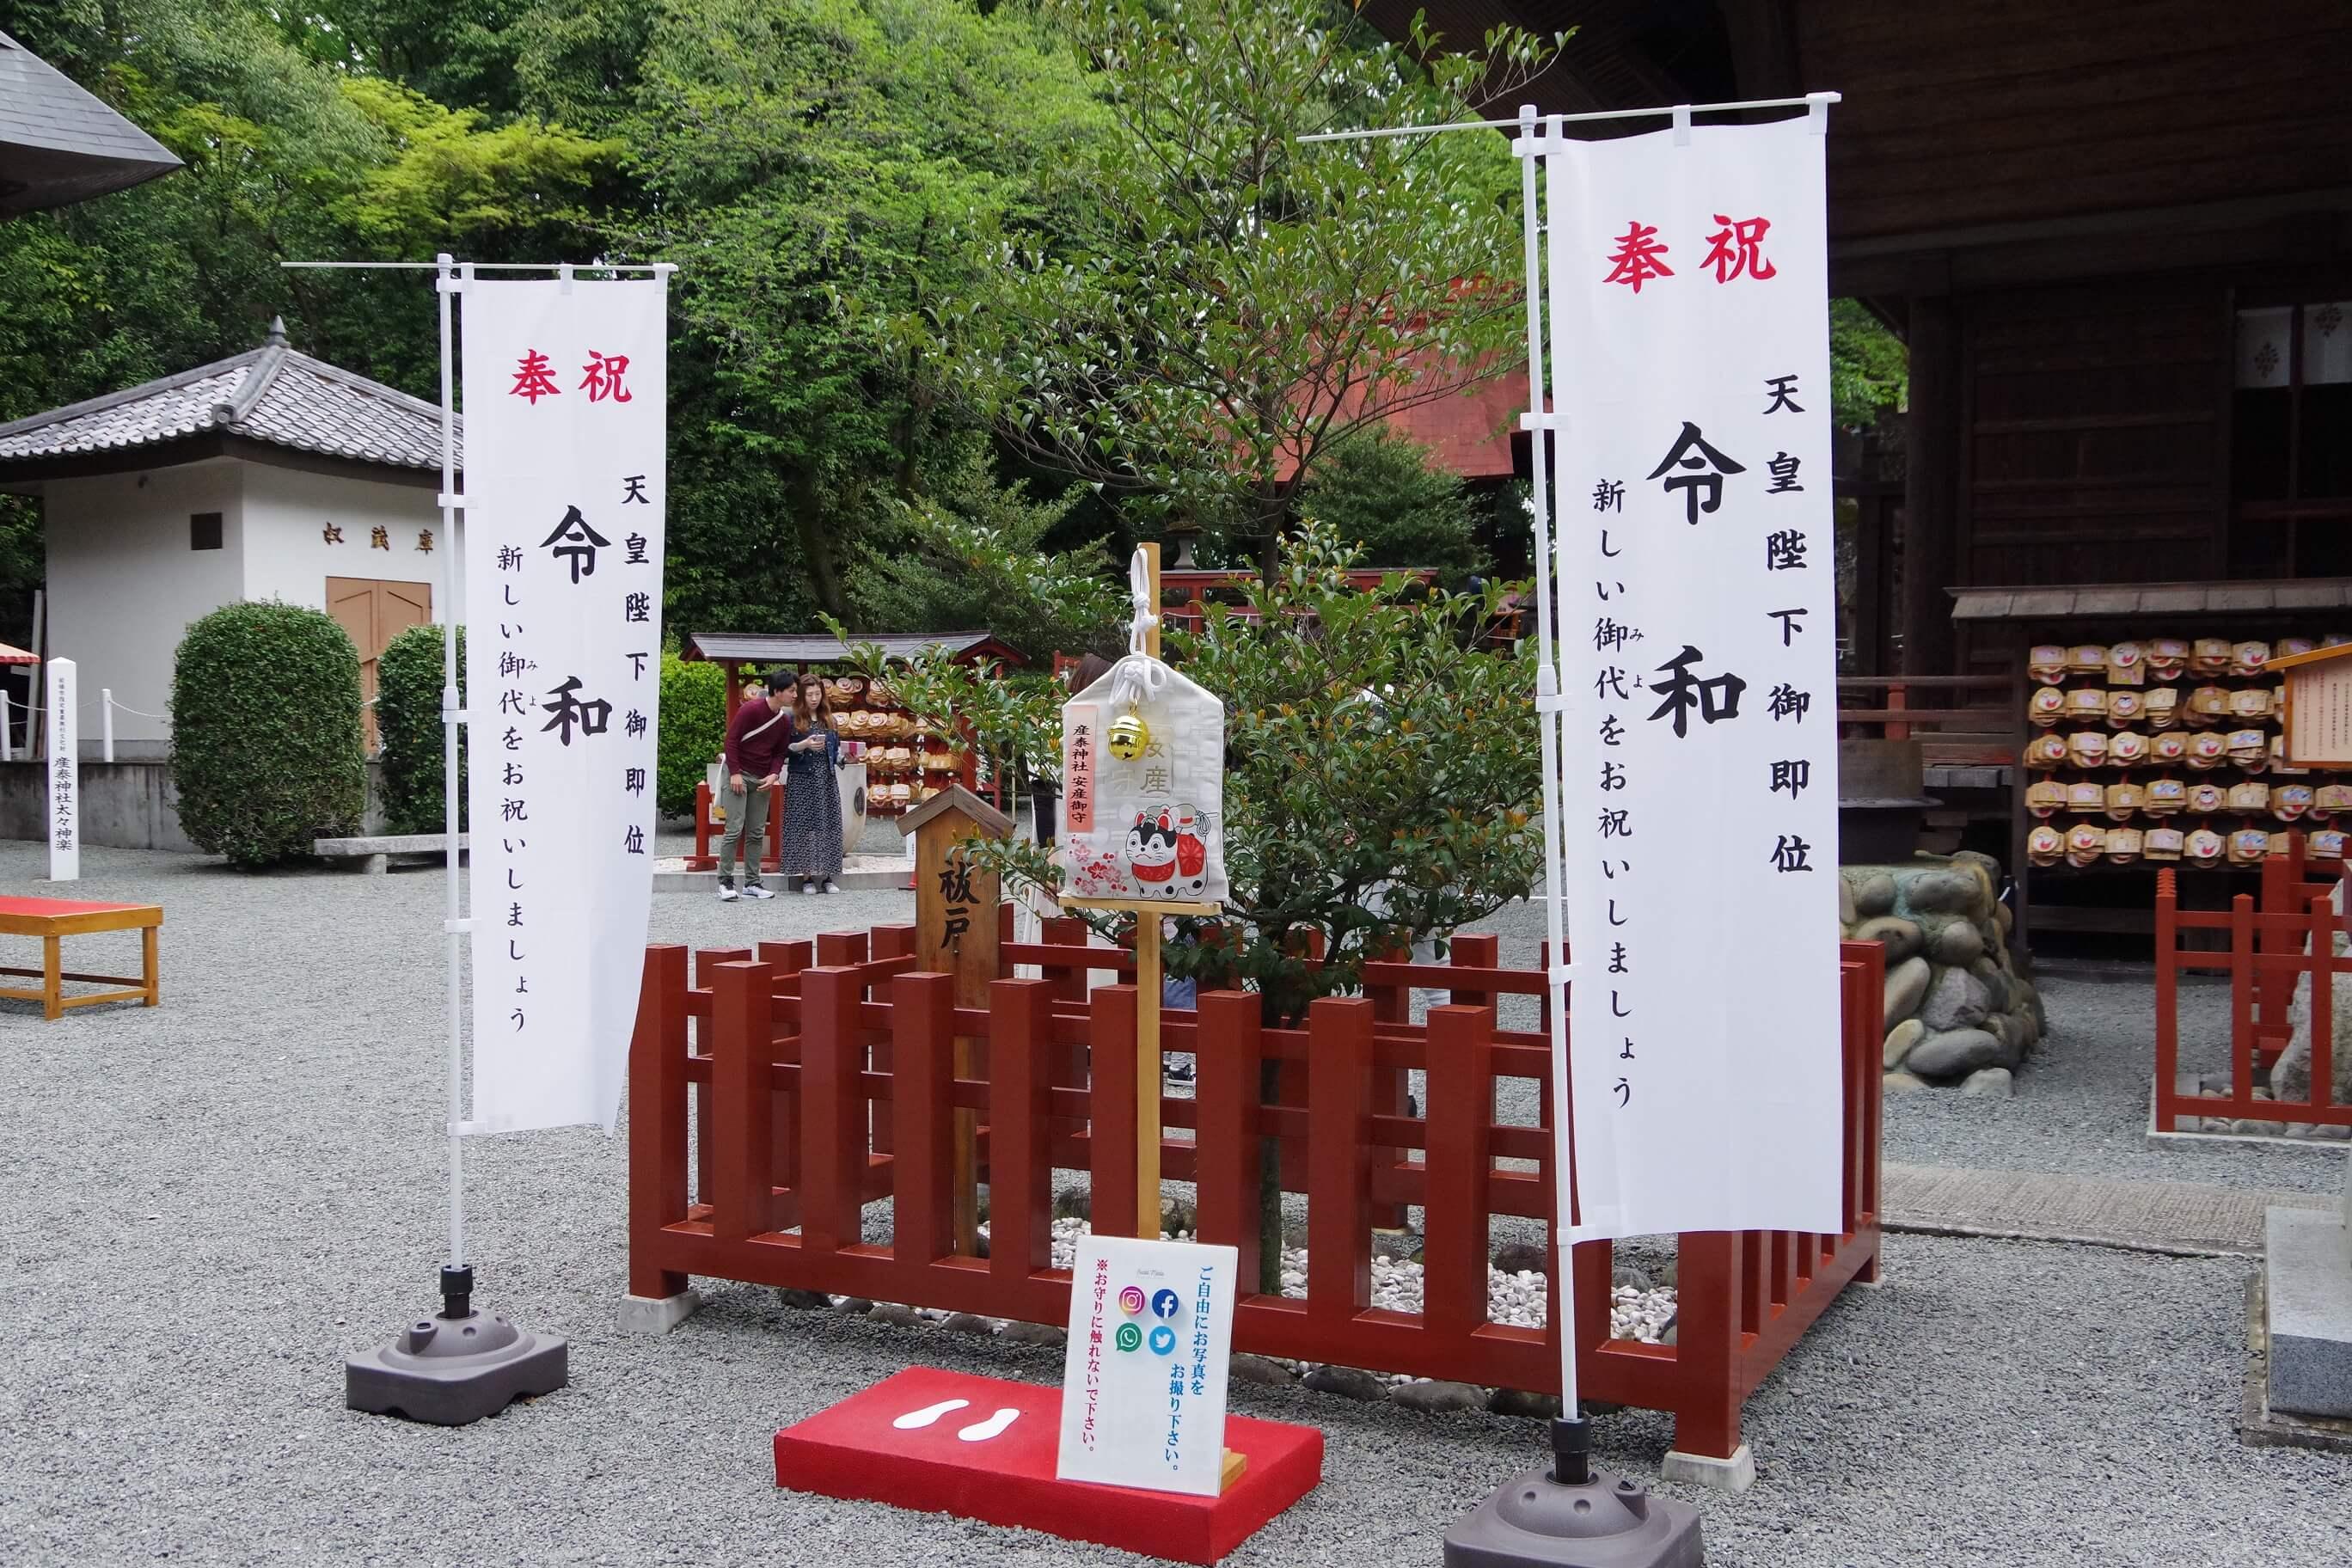 上野ダム 渓流釣り